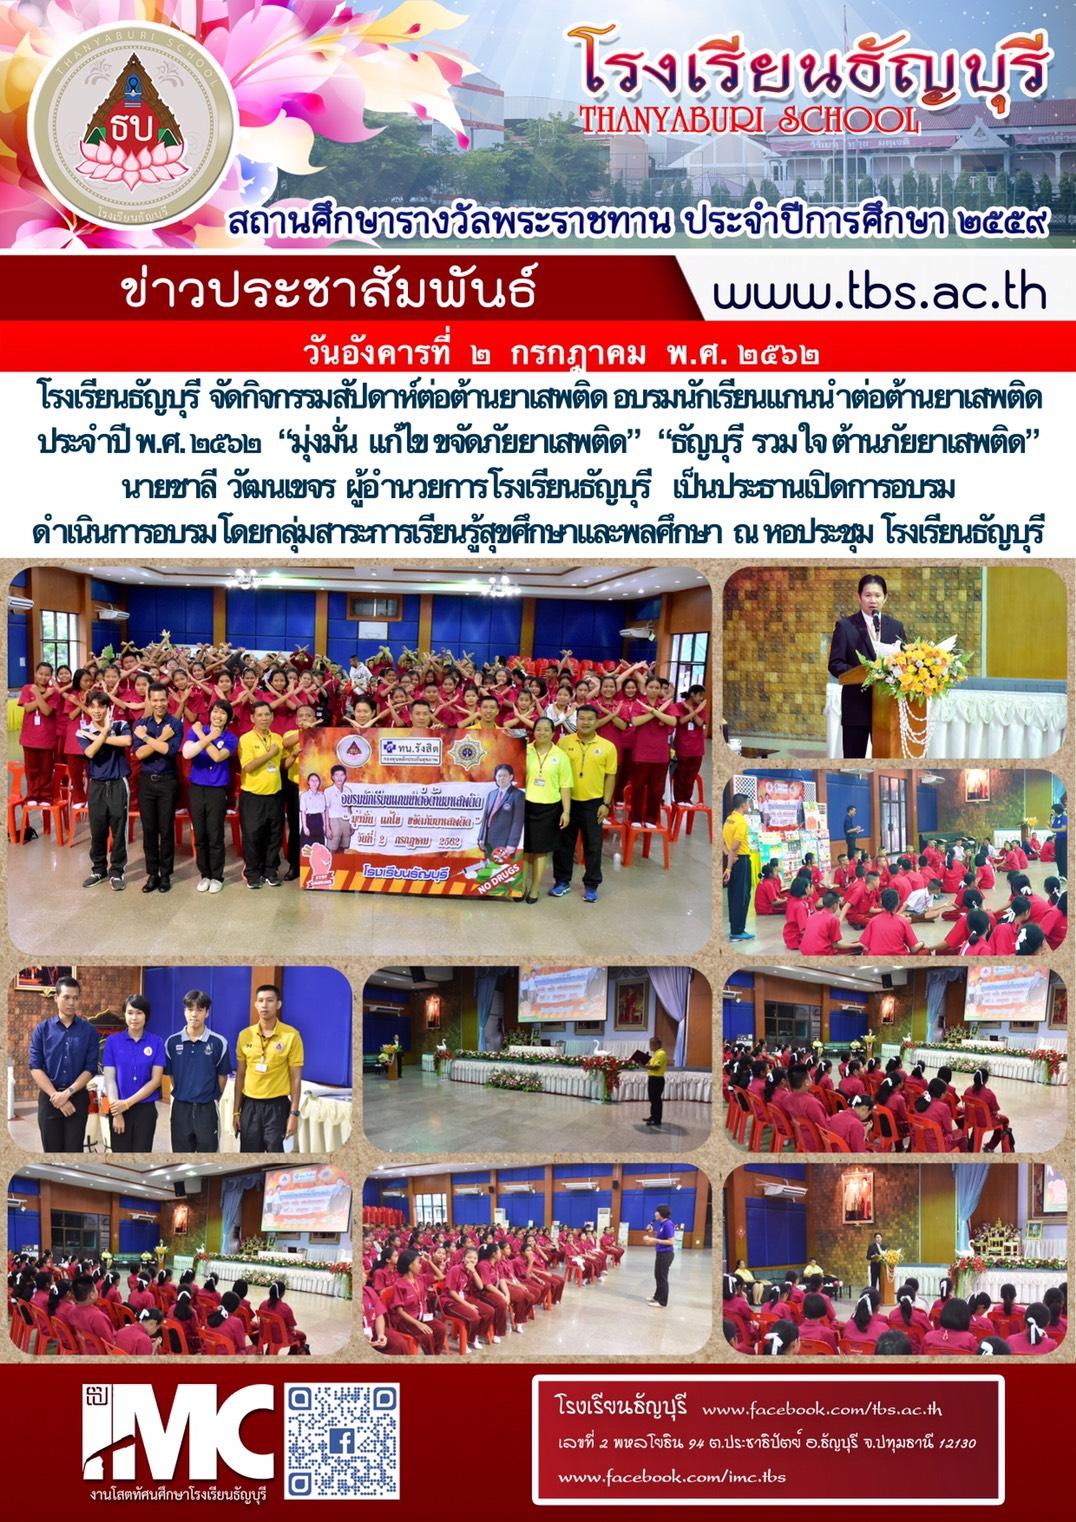 """โรงเรียนธัญบุรี จัดกิจกรรมสัปดาห์ต่อต้านยาเสพติด อบรมนักเรียนแกนนำต่อต้านยาเสพติด ประจำปี พ.ศ.2562 """"มุ่งมั่น แก้ไข ขจัดภัยยาเสพติด"""""""